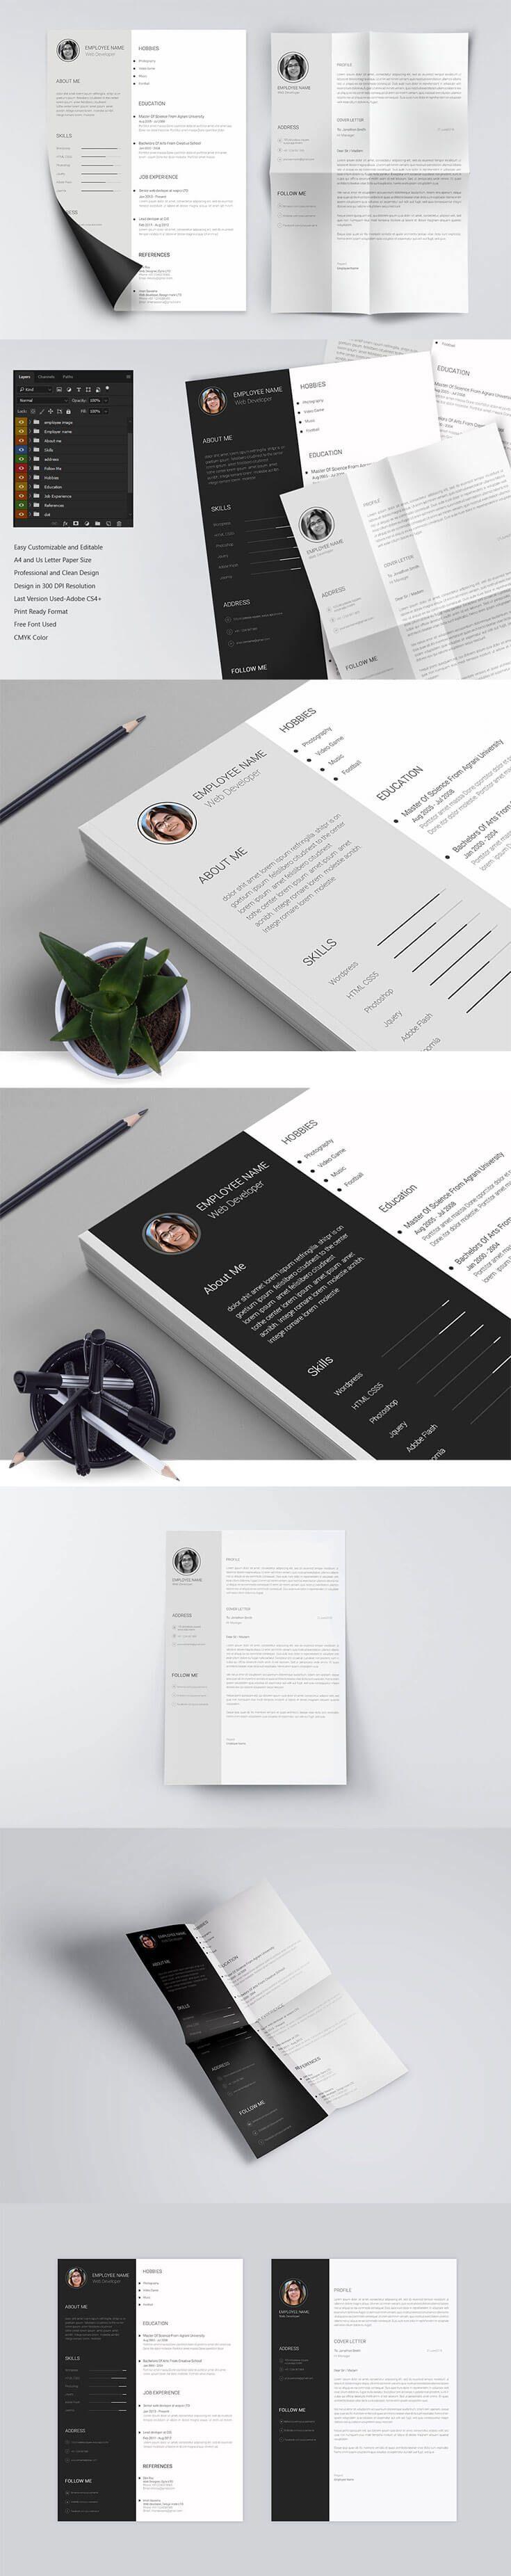 Free Minimo Minimal Resume PSD Template Minimal resume